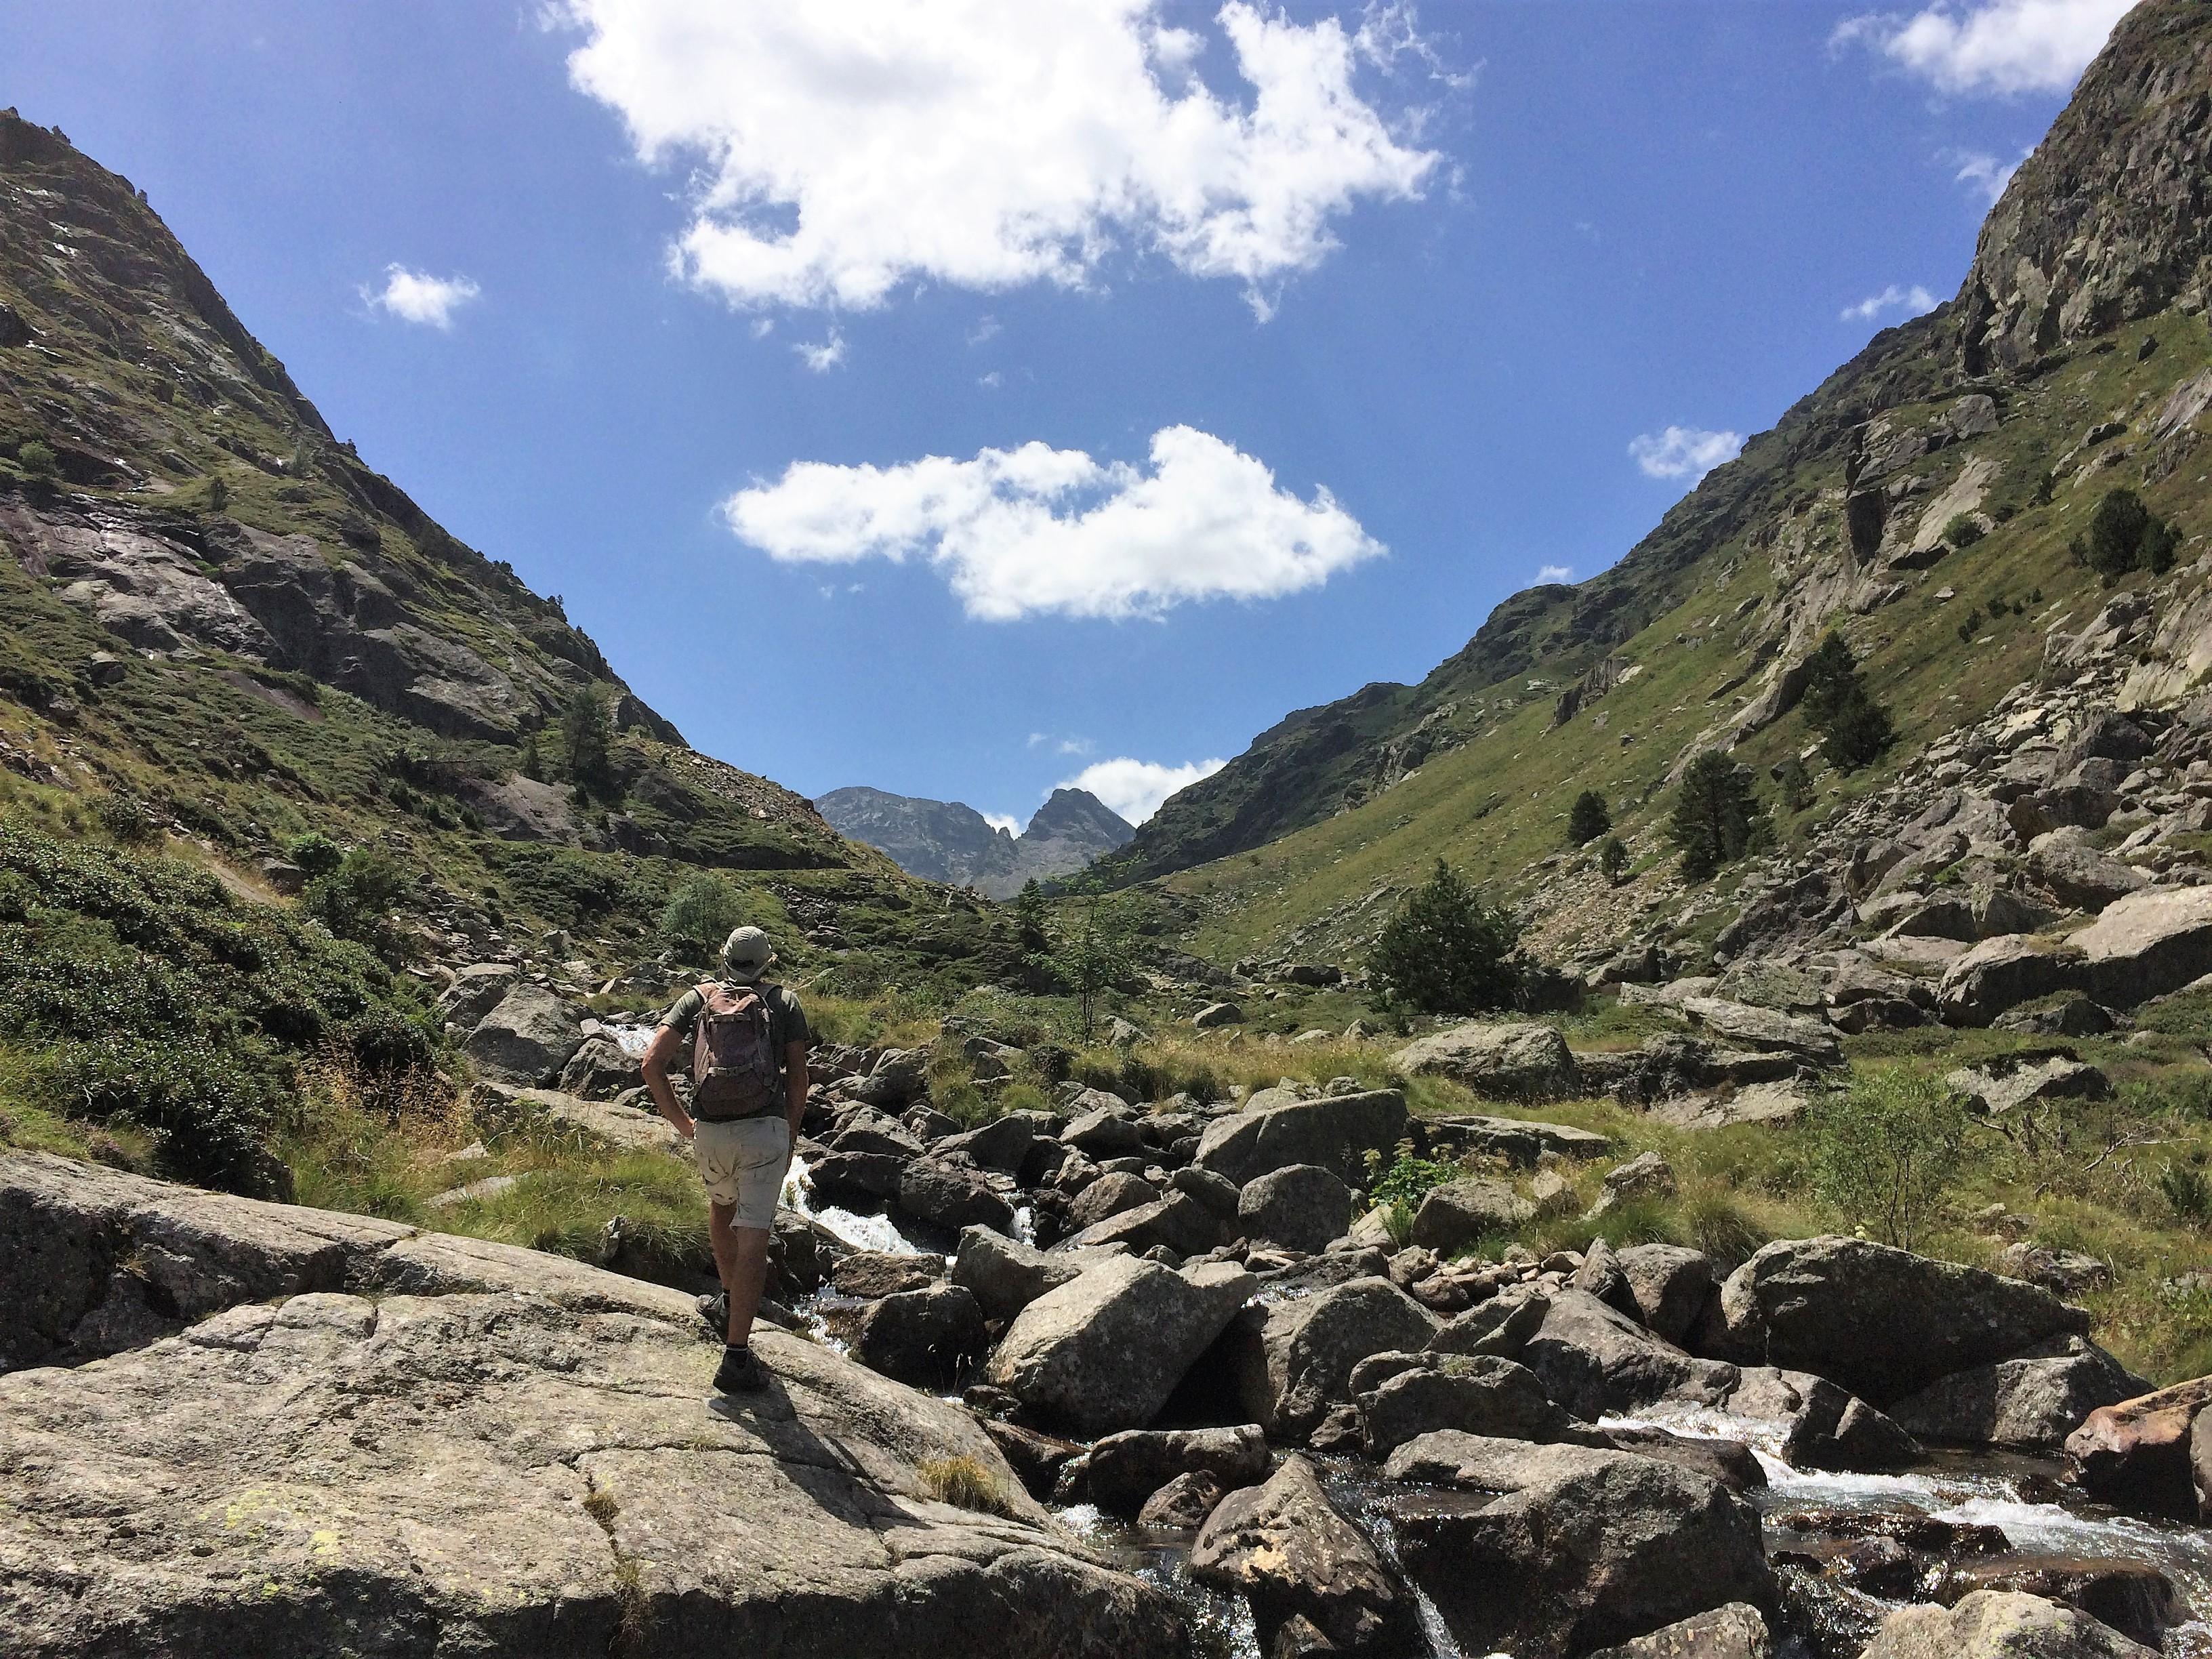 Randonnée dans les rochers au dessus de l'étang de Soulcem